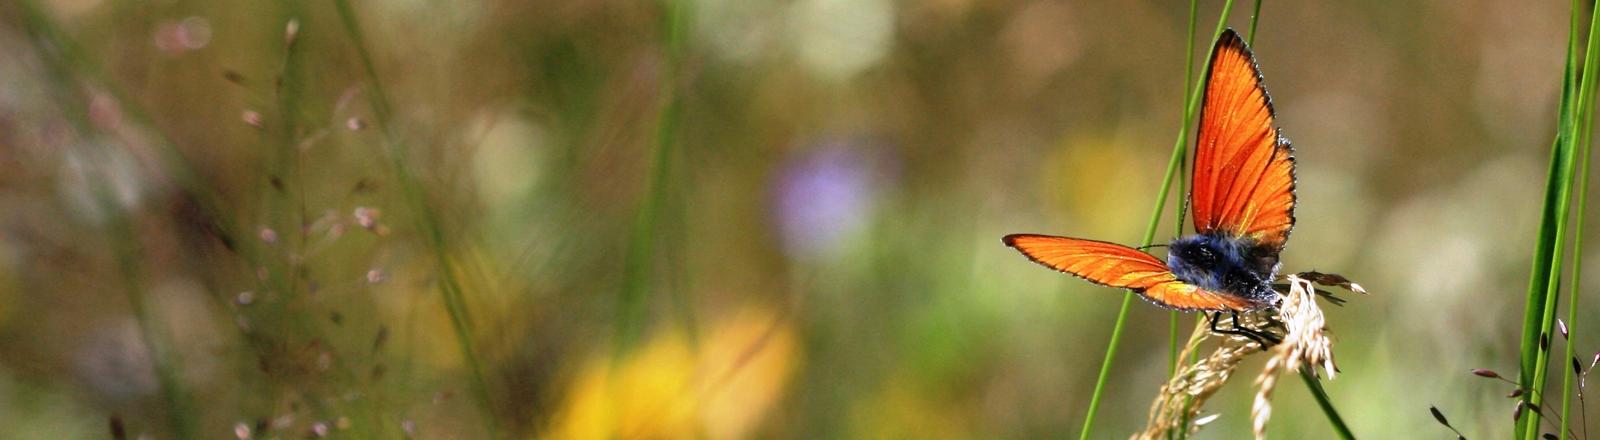 Ein Schmetterling auf einer Blumenwiese